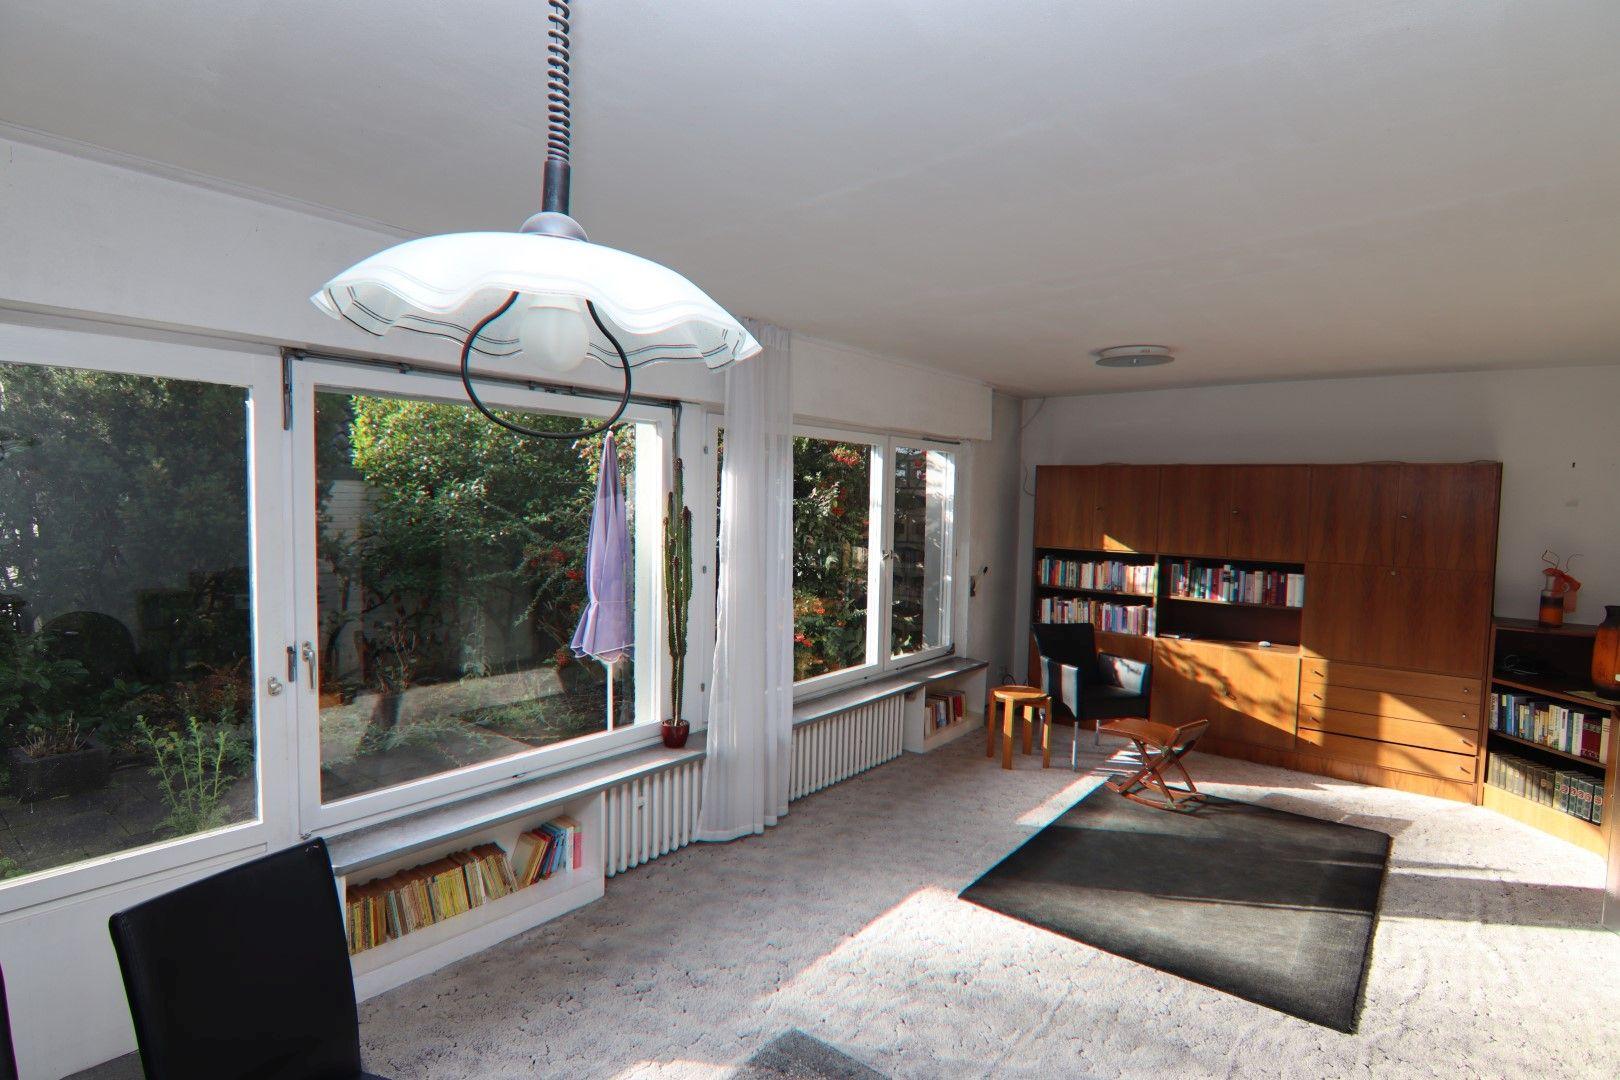 Immobilie Nr.0273 - Doppelhaushälfte in WEG mit Garten & Terrasse - Bild main.jpg